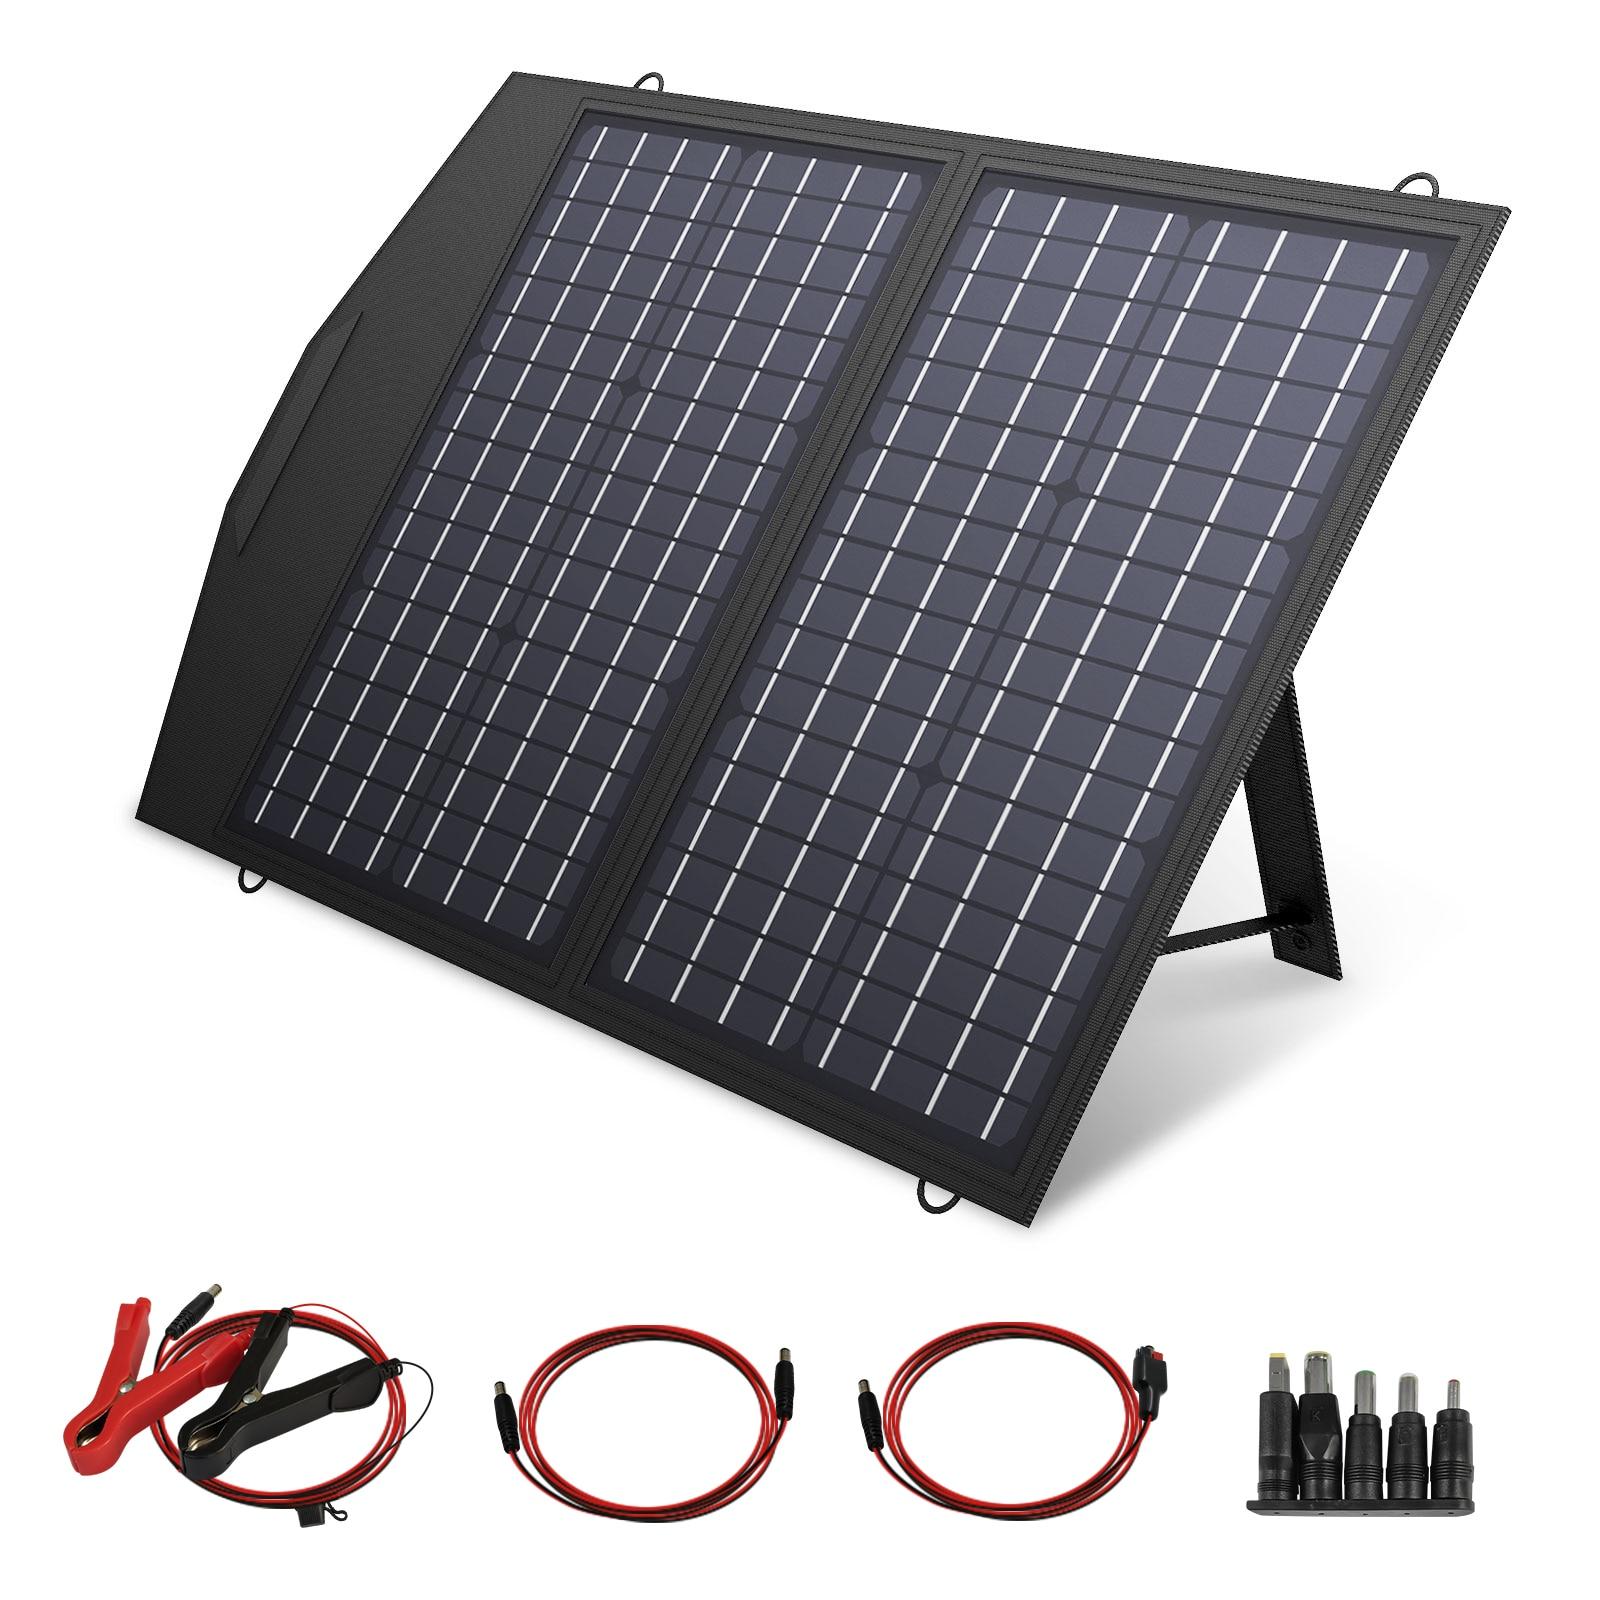 Allforce 60/100/120 واط لوحة شمسية قابلة للطي ، شاحن بالطاقة الشمسية المحمولة لمعظم مولد الطاقة الشمسية ، محطة الطاقة المحمولة ، وأجهزة الكمبيوتر الم...